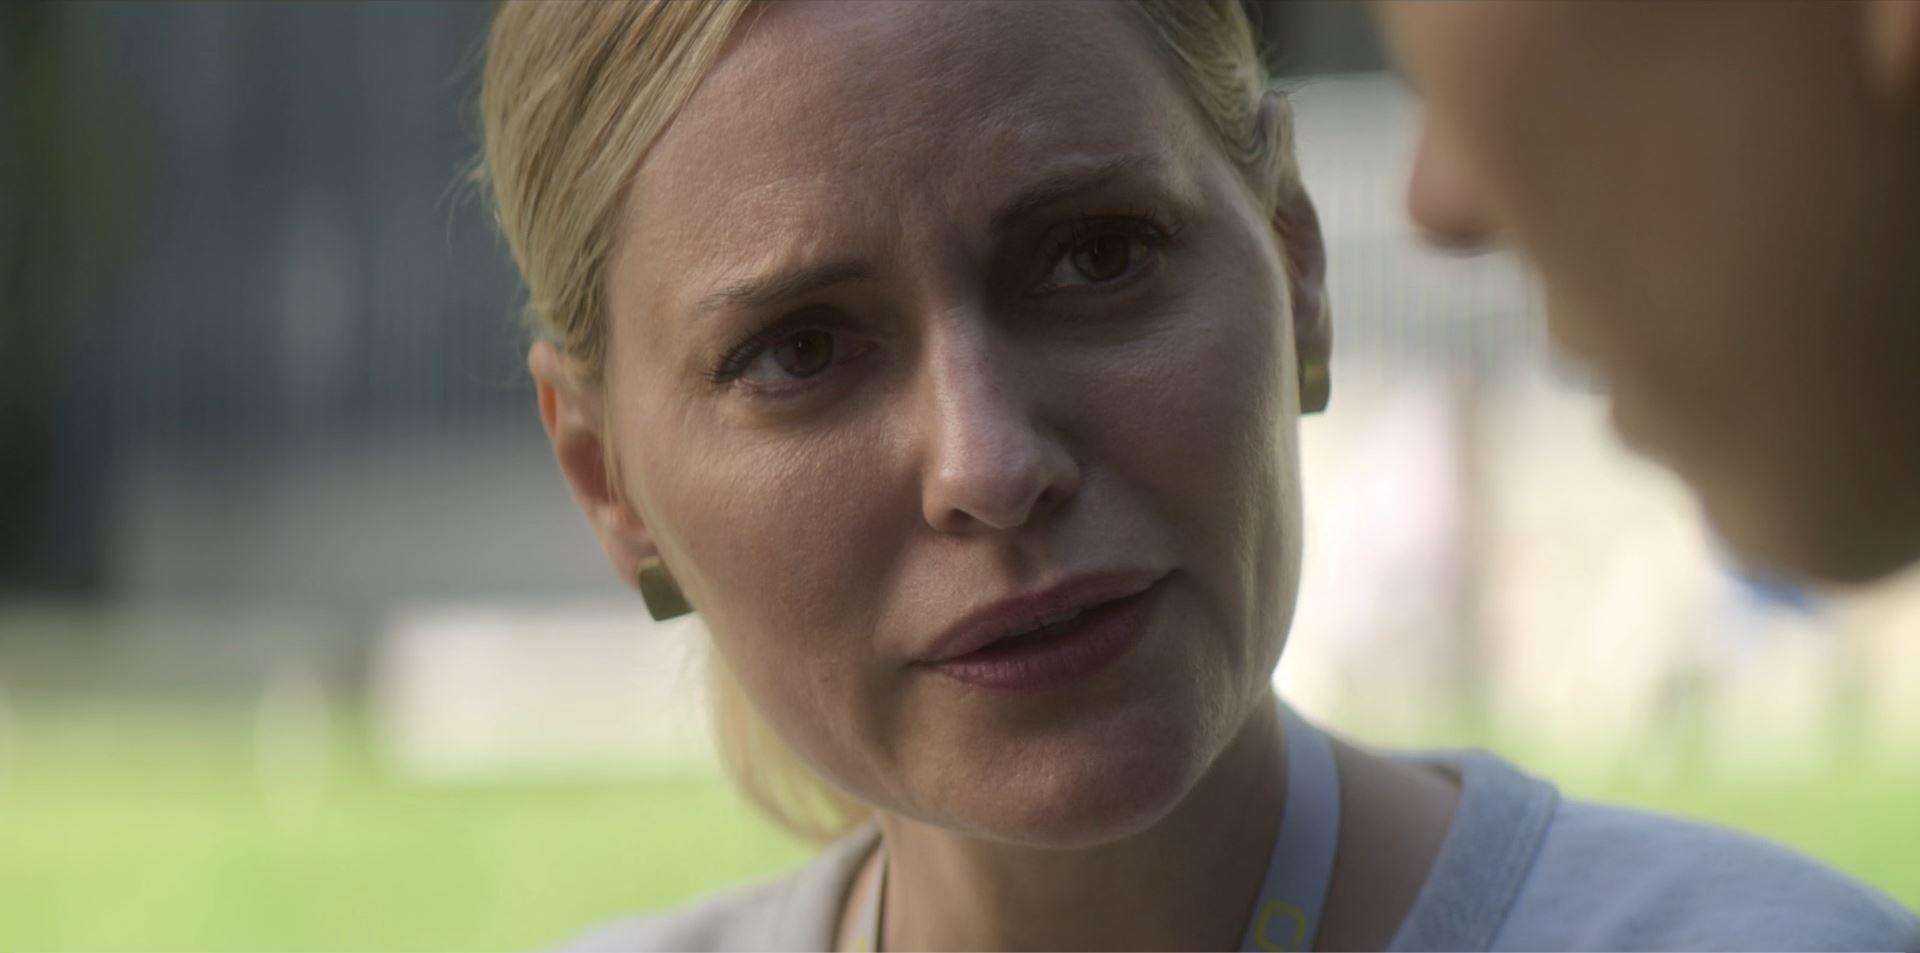 Devs episode 3 Review - Aimee Mullins as Anya